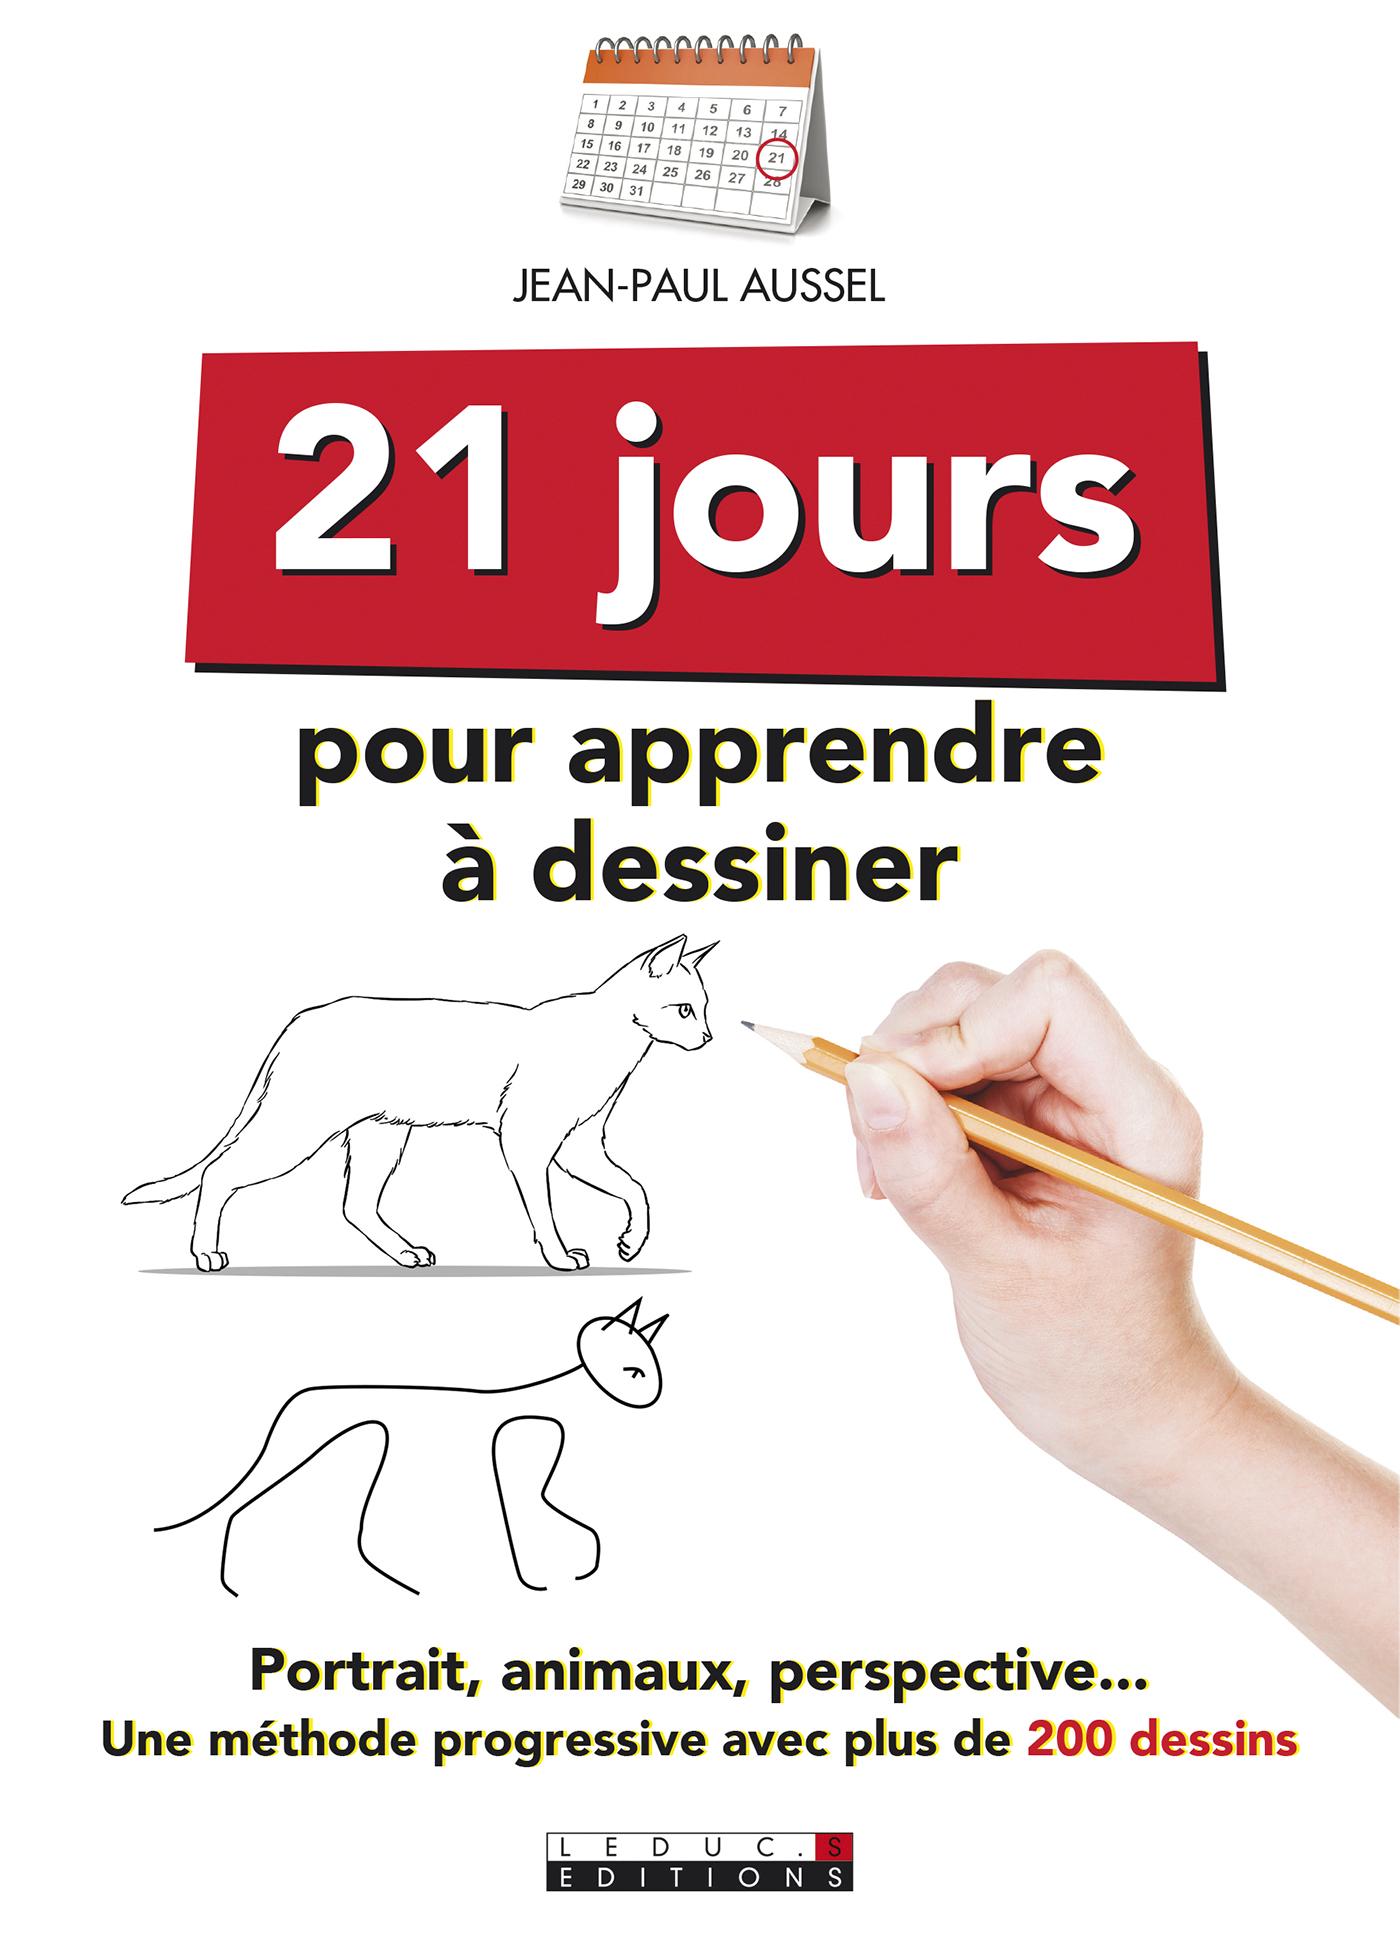 Leduc s ditions 21 jours pour apprendre dessiner for Apprendre a dessiner une maison en perspective